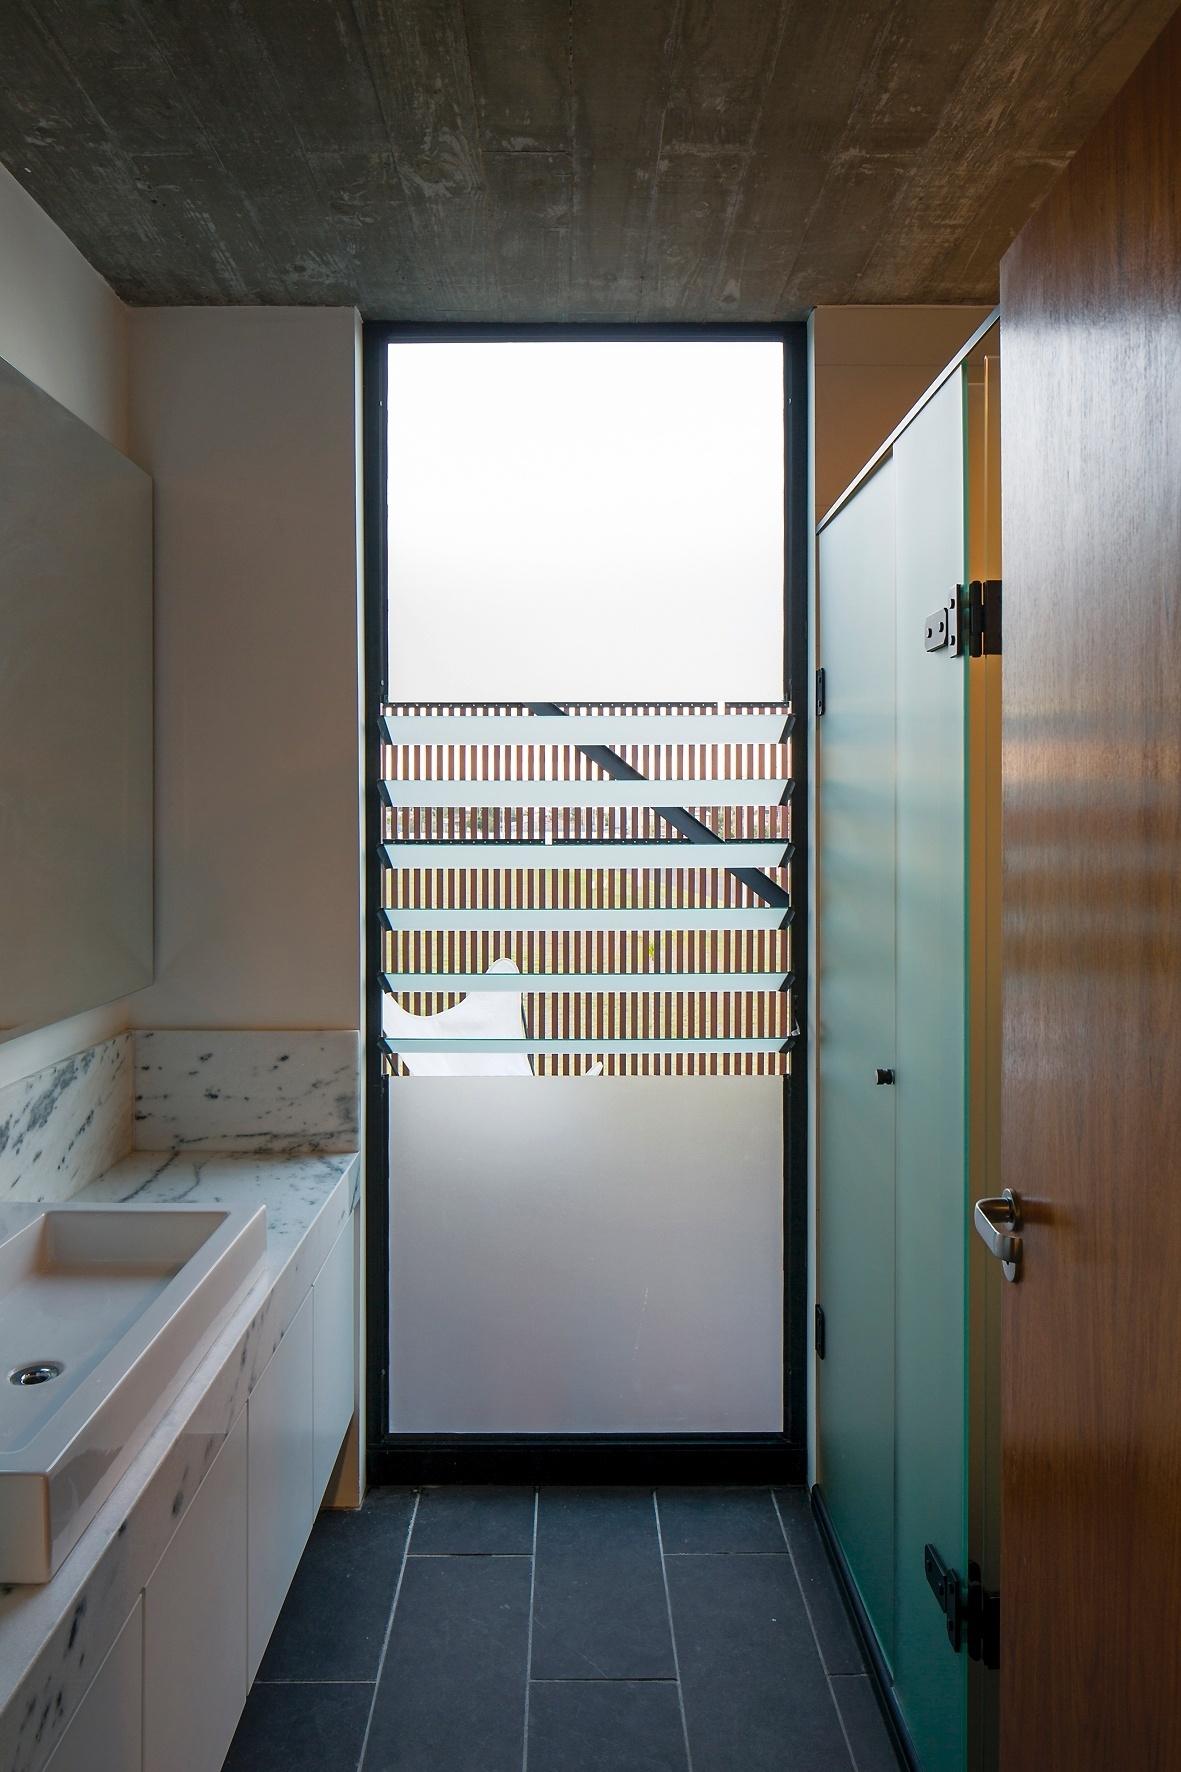 O banheiro do casal está interligado ao terraço através da janela do tipo basculante, acoplada a uma porta. Os vidros permitem a entrada de luz e ventilação natural. A Casa Xan foi projetada pelo escritório MAPA, no Rio Grande do Sul